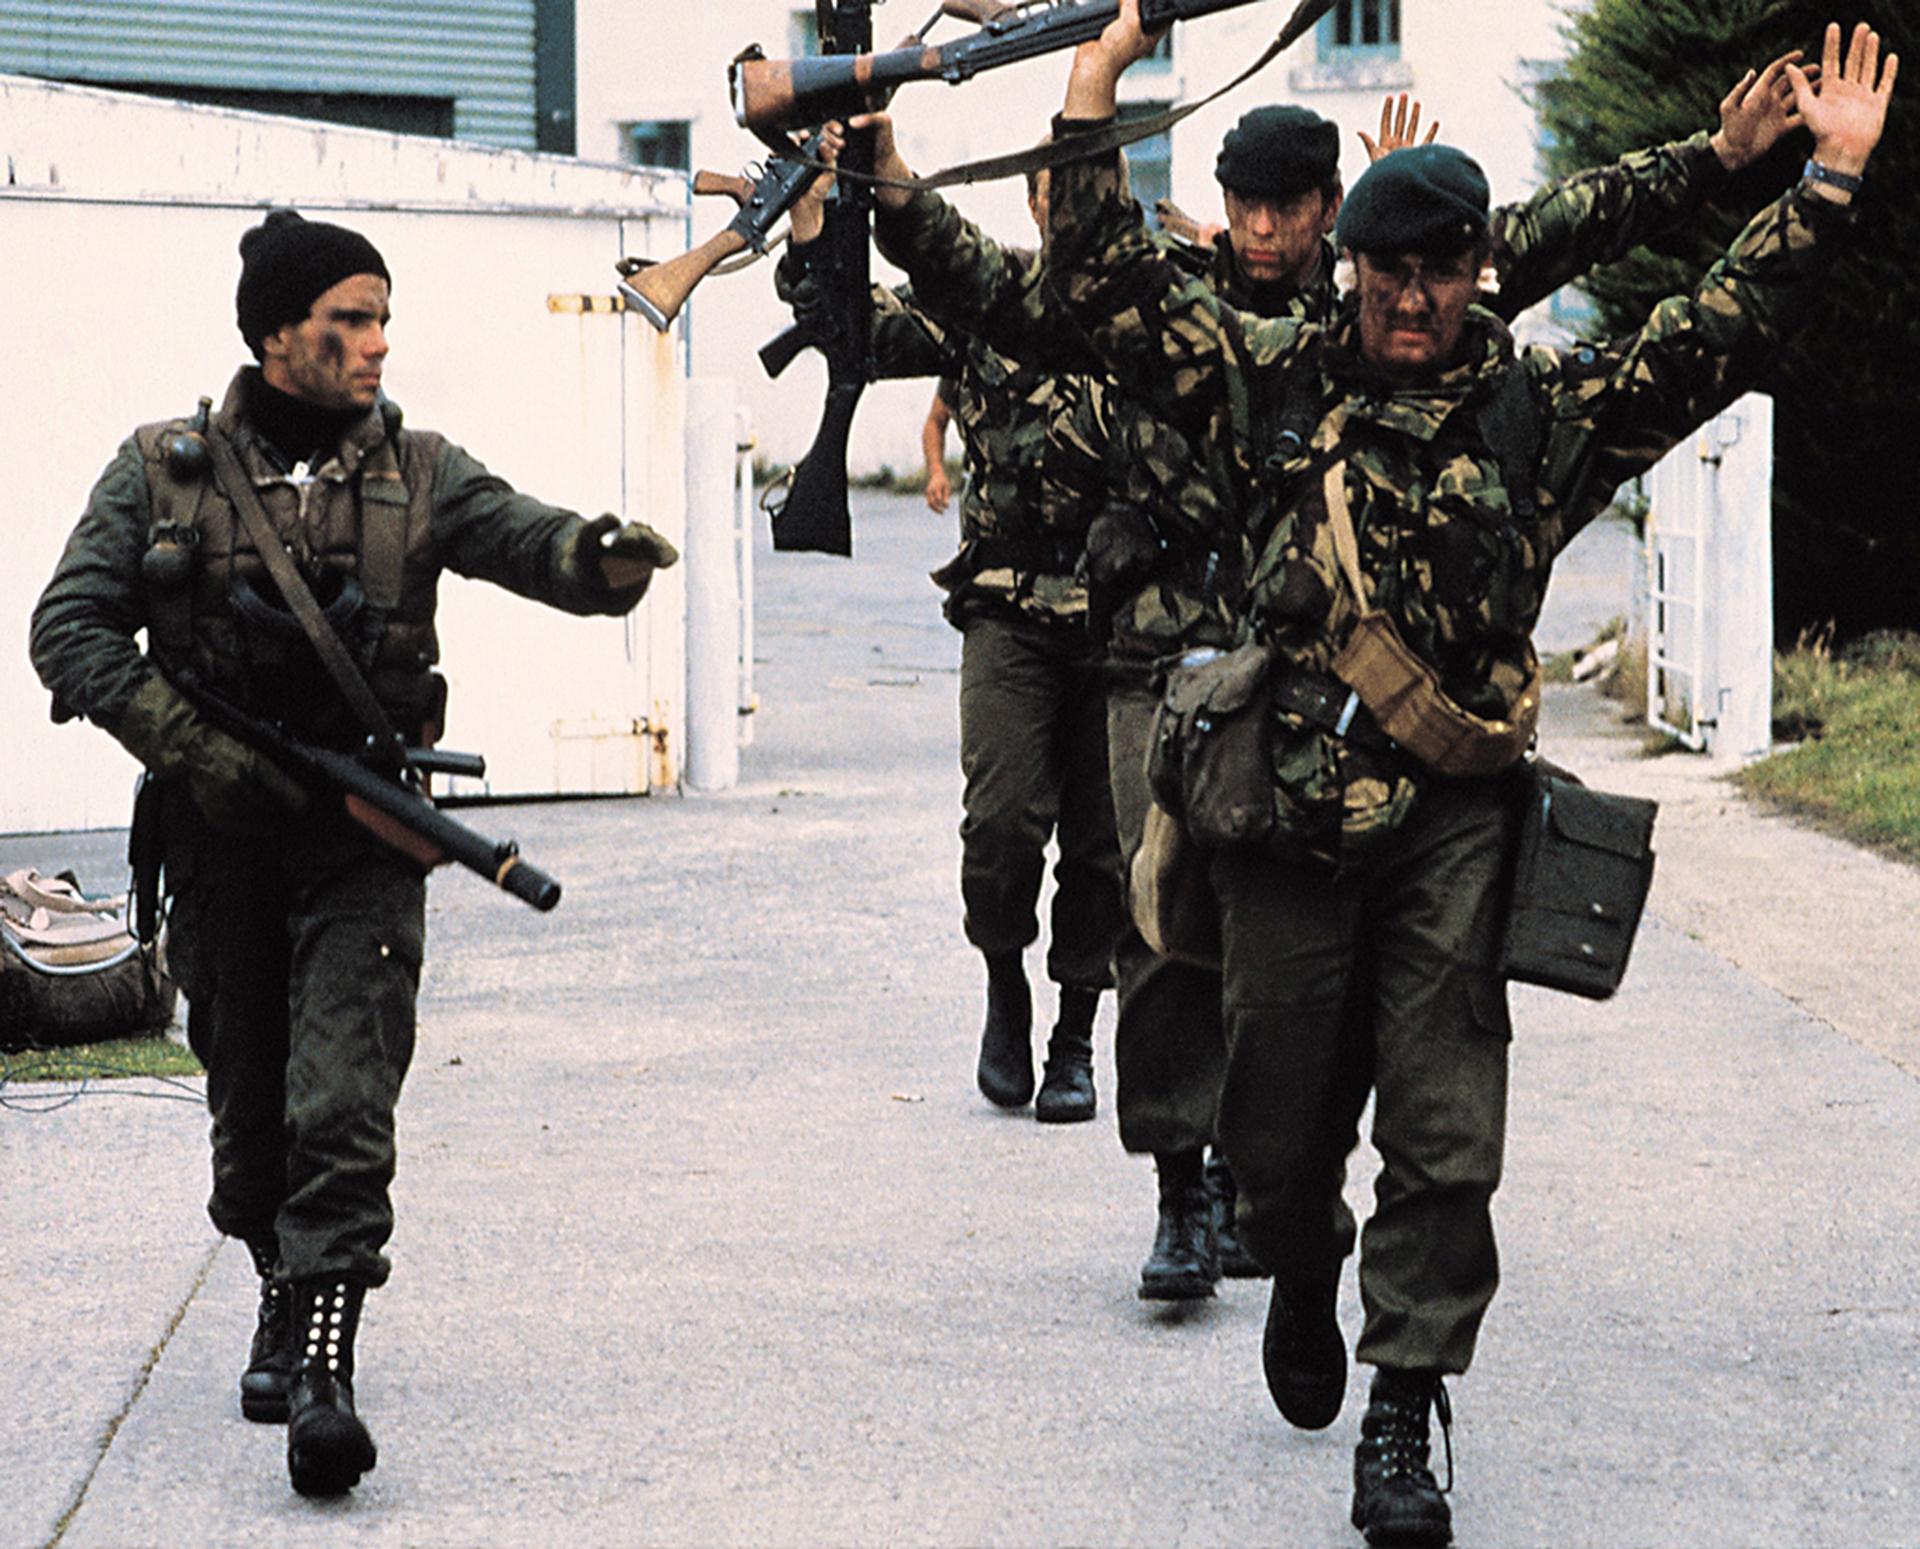 La orden para los comandos argentinos que llevaron a cabo la Operación Rosario fue clara: no se debían producir bajas en las tropas británicas (57 infantes de marina,11 Royal Marines y 40 miembros de la Fuerza de Defensa de las Islas). A primera hora de la mañana del 2 de abril llega la rendición